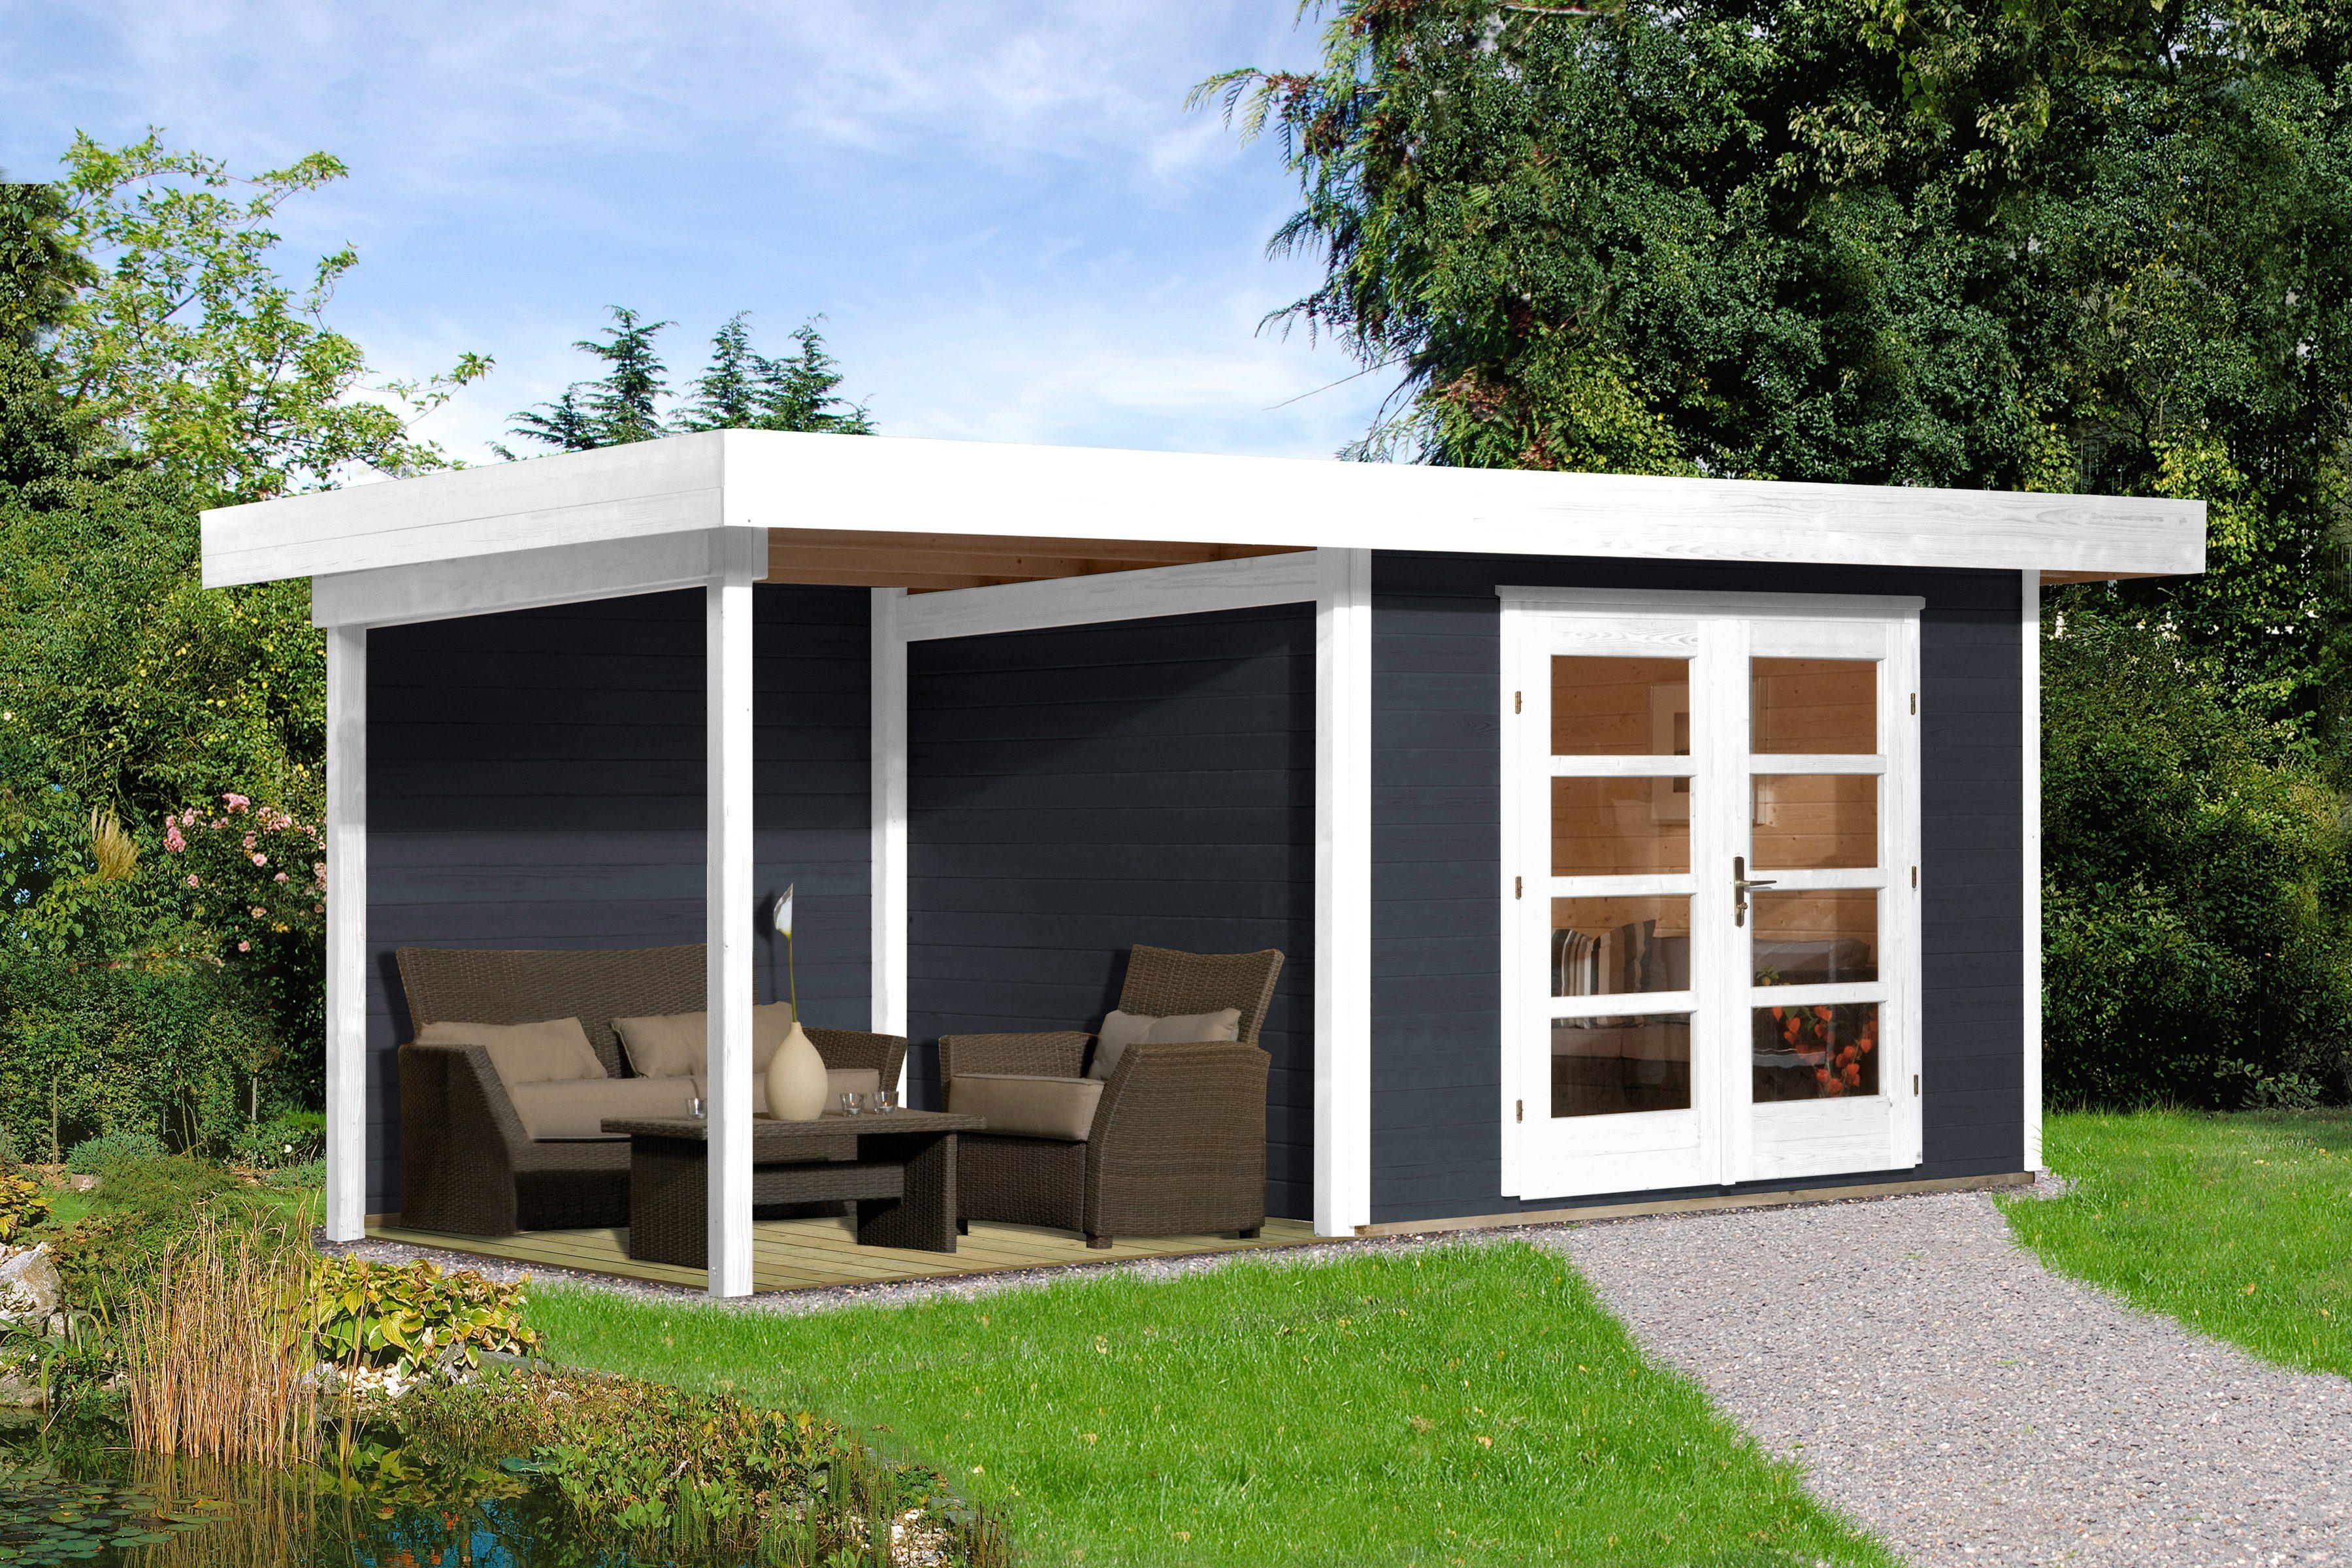 WEKA Gartenhaus »Chill-Out Gr. 1«, BxT: 530x210 cm, mit Anbau (235 cm breite) anthrazit/weiß